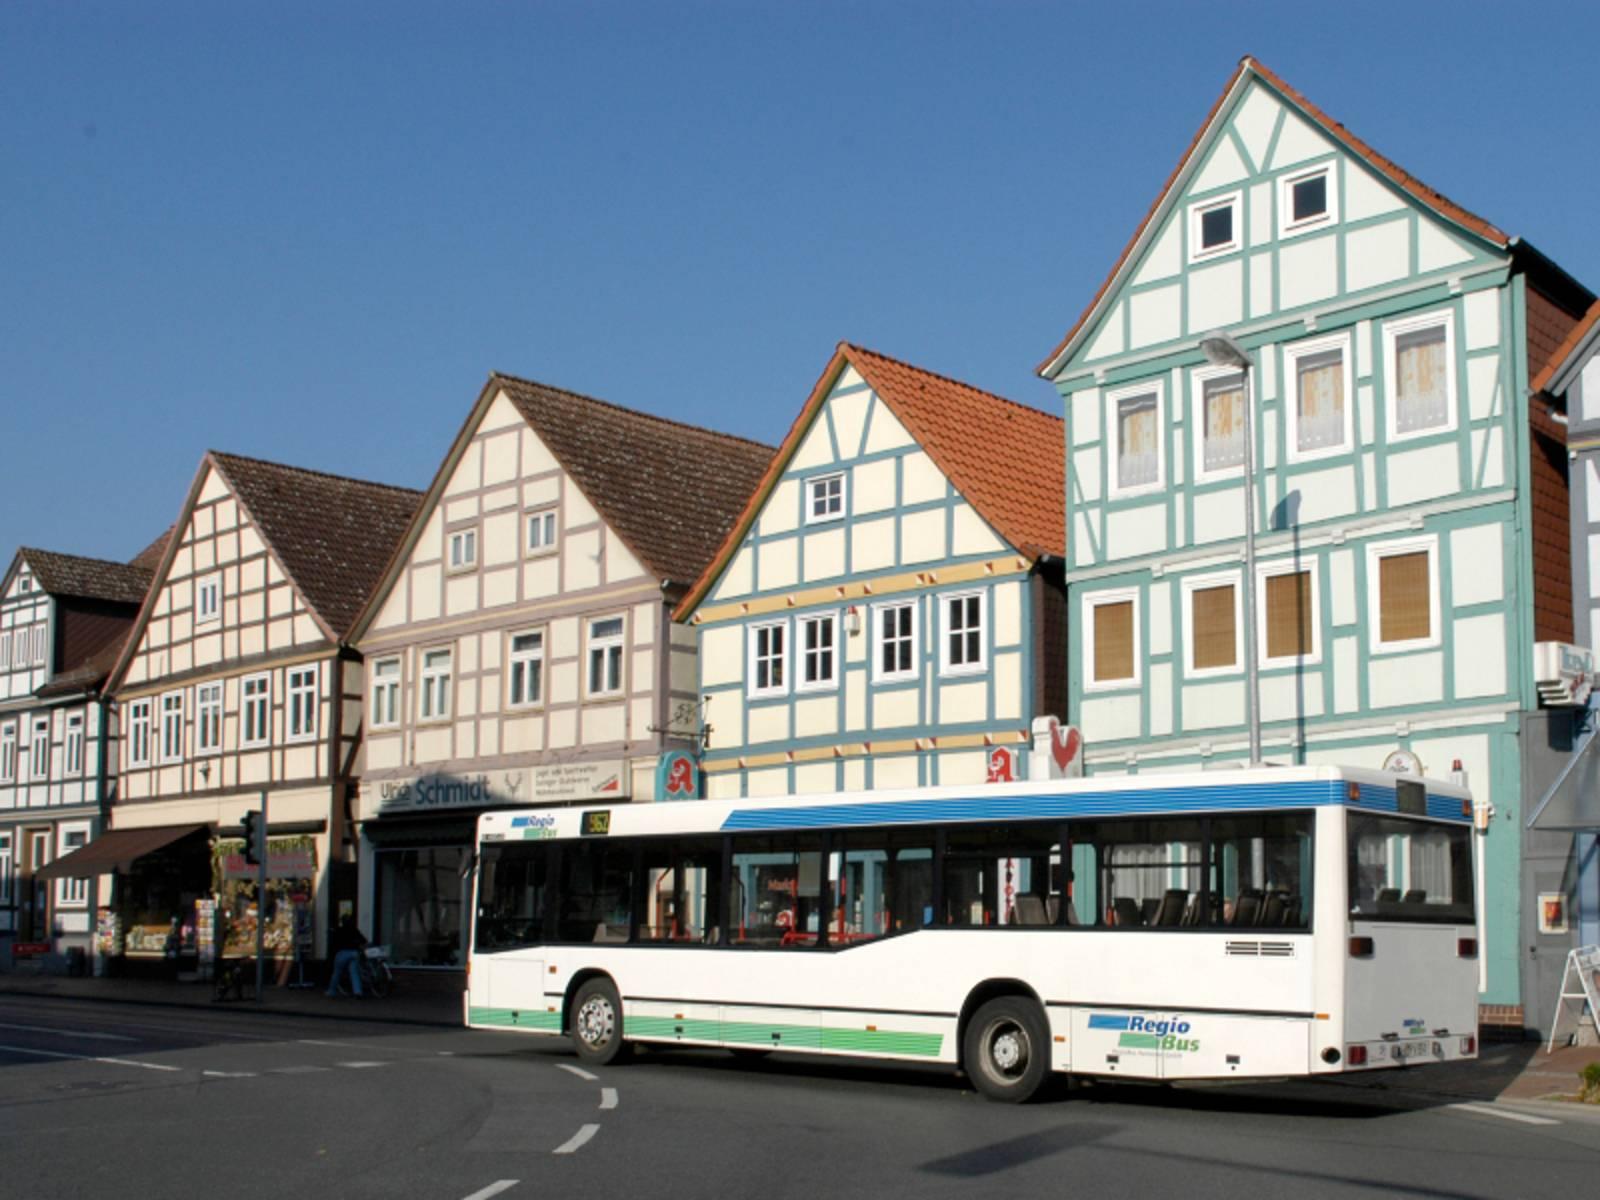 Ein Bus der RegioBus biegt um eine Kurve auf die Marktstraße in Burgdorf ein, im Hintergrund steht eine Reihe alter Fachwerkhäuser dicht an dicht nebeneinander.